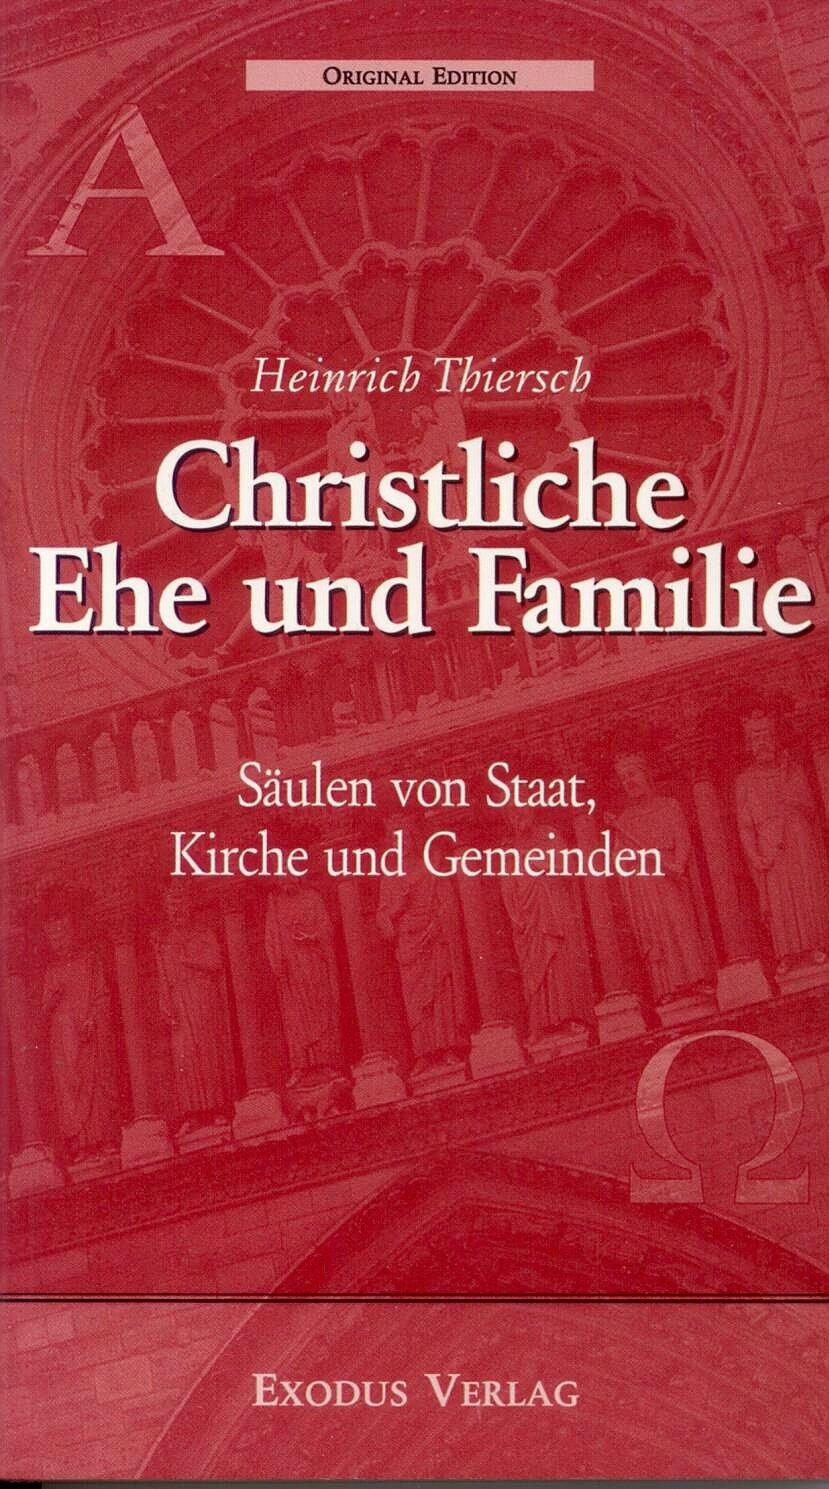 Christliche Ehe und Familie: Säulen von Staat, Kirche und Gemeinden